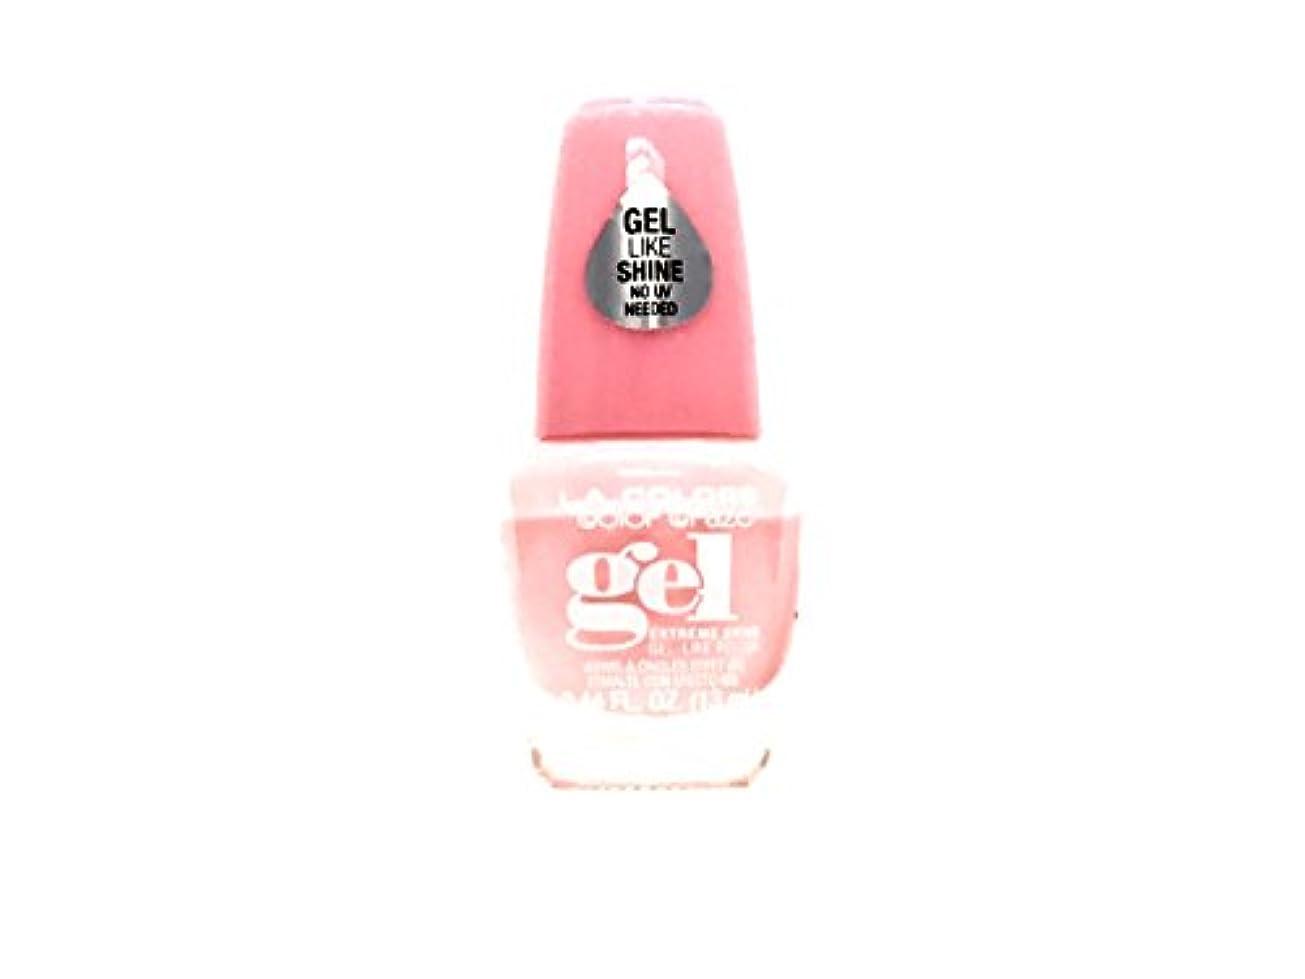 ラダサイドボードコミットLA Colors 美容化粧品21 Cnp742美容化粧品21 0.44 fl。 oz。 (13ml) スウィートハート(cnp742)